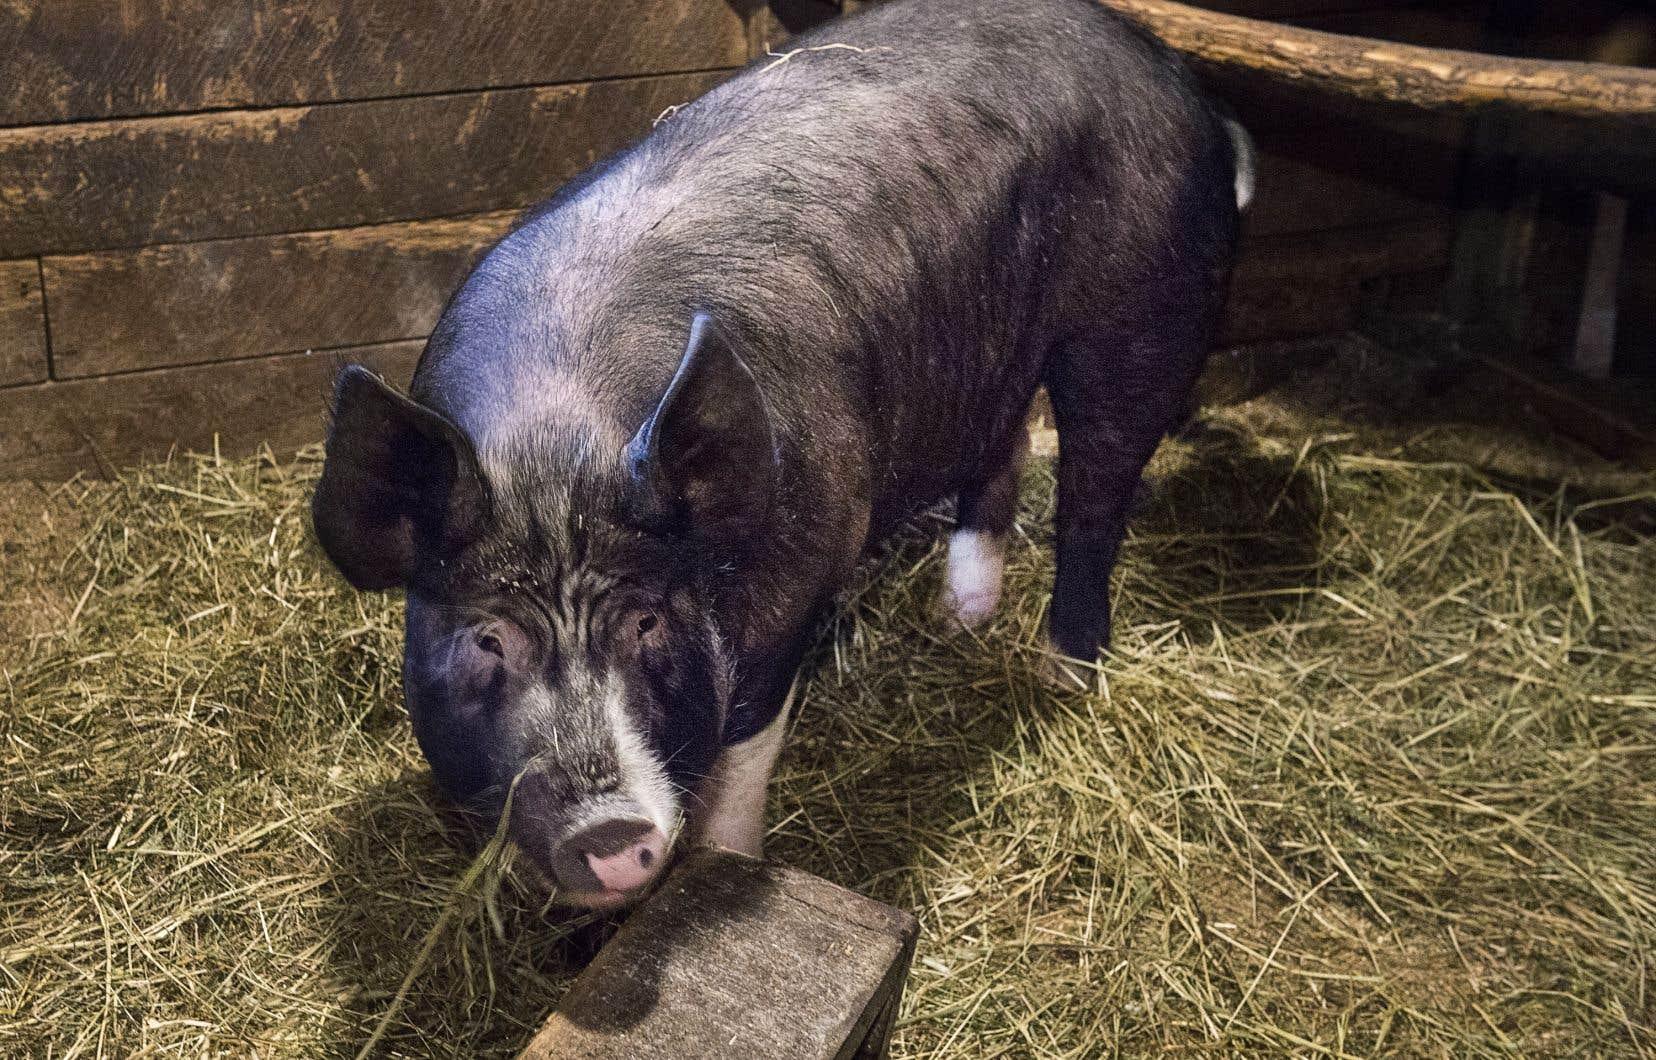 La valeur des exportations de l'industrie québécoise du porc à destination de la Chine était de 283 millions de dollars en 2018.